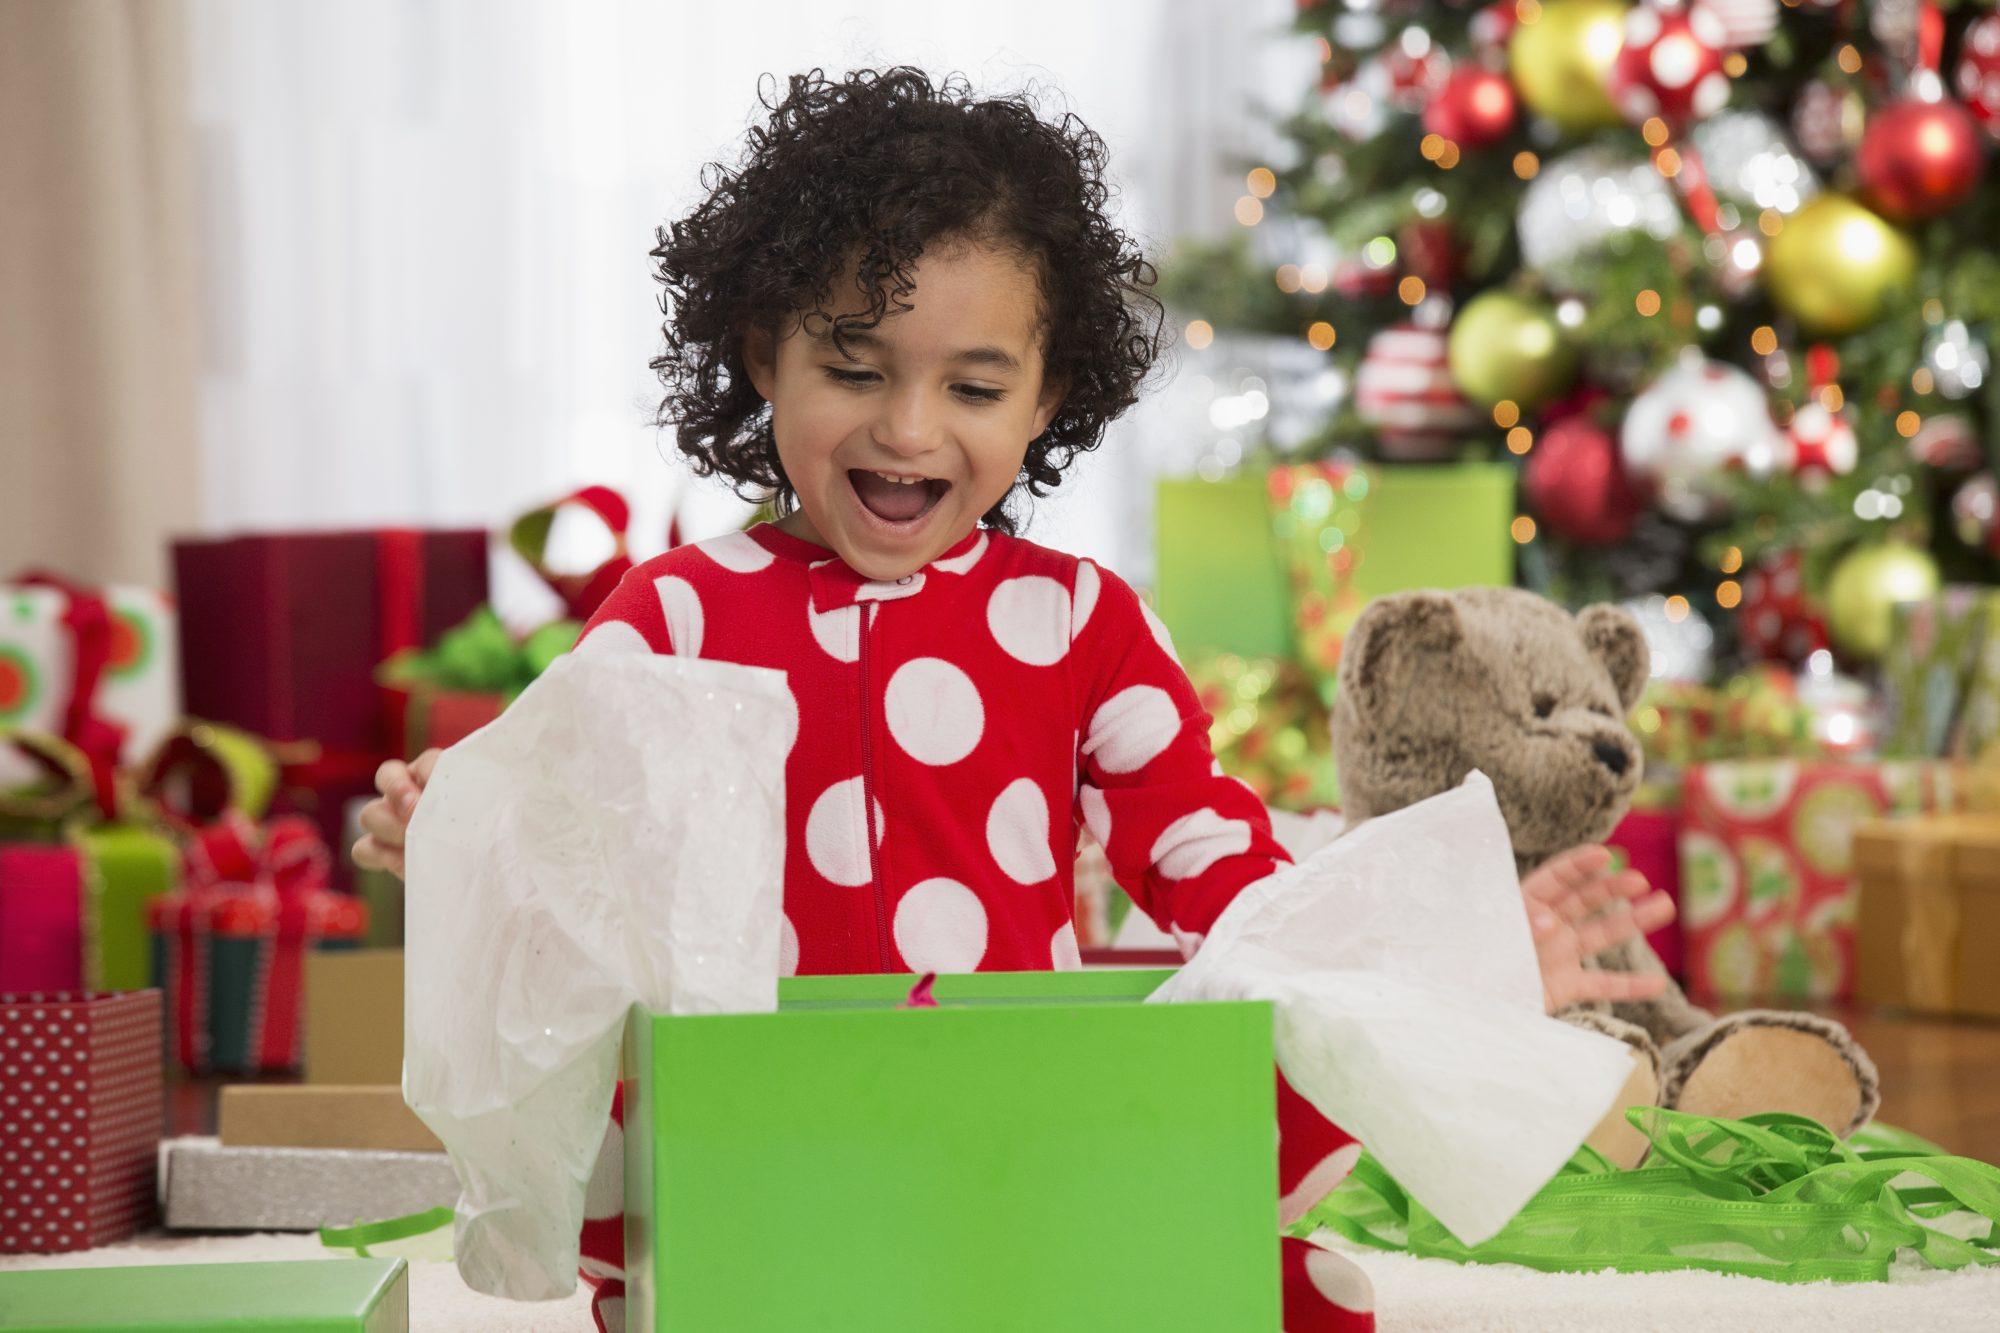 Niña latina pequeña sbriendo regalo Navidad